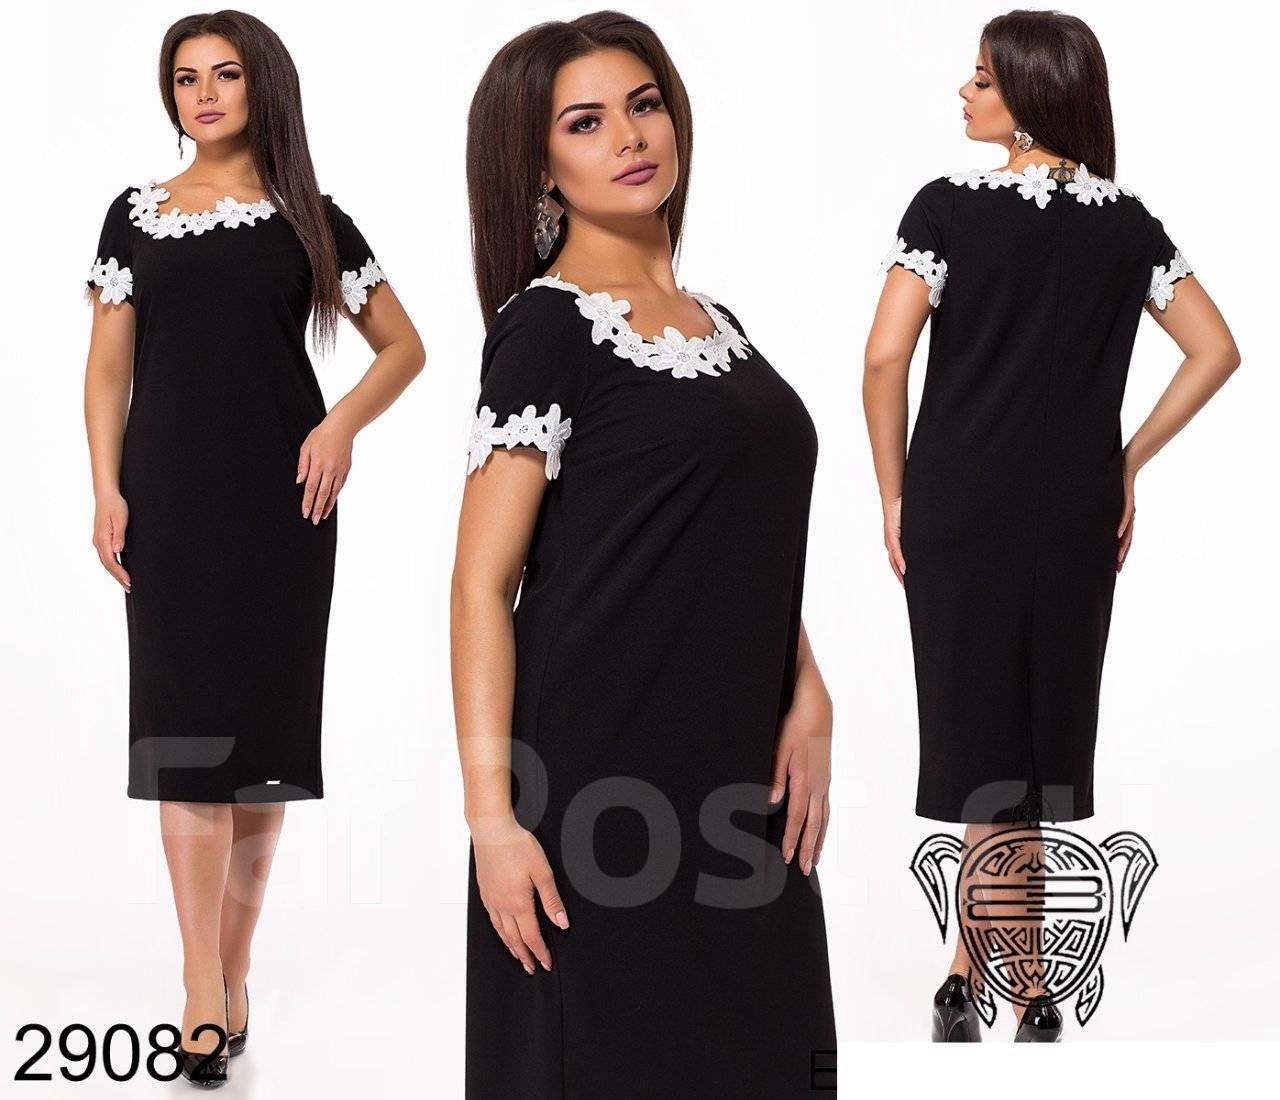 228043b4668 Купить женские платья вечерние Размер  48 размера во Владивостоке! Цены.